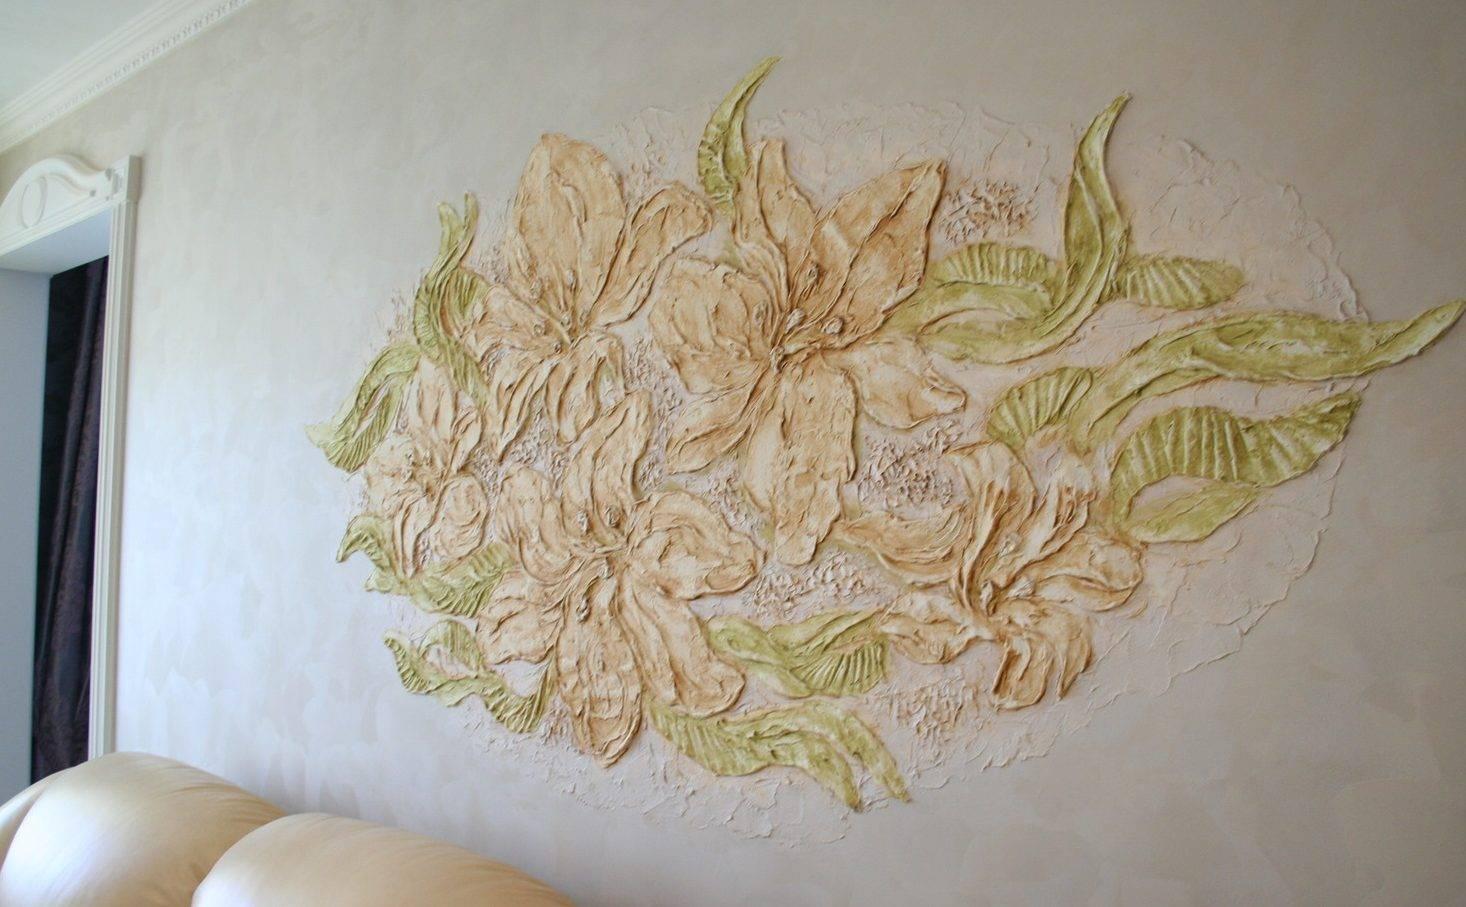 Барельеф своими руками: мастер-класс для начинающих  — скульптурный шедевр на стене | (100 фото & видео)